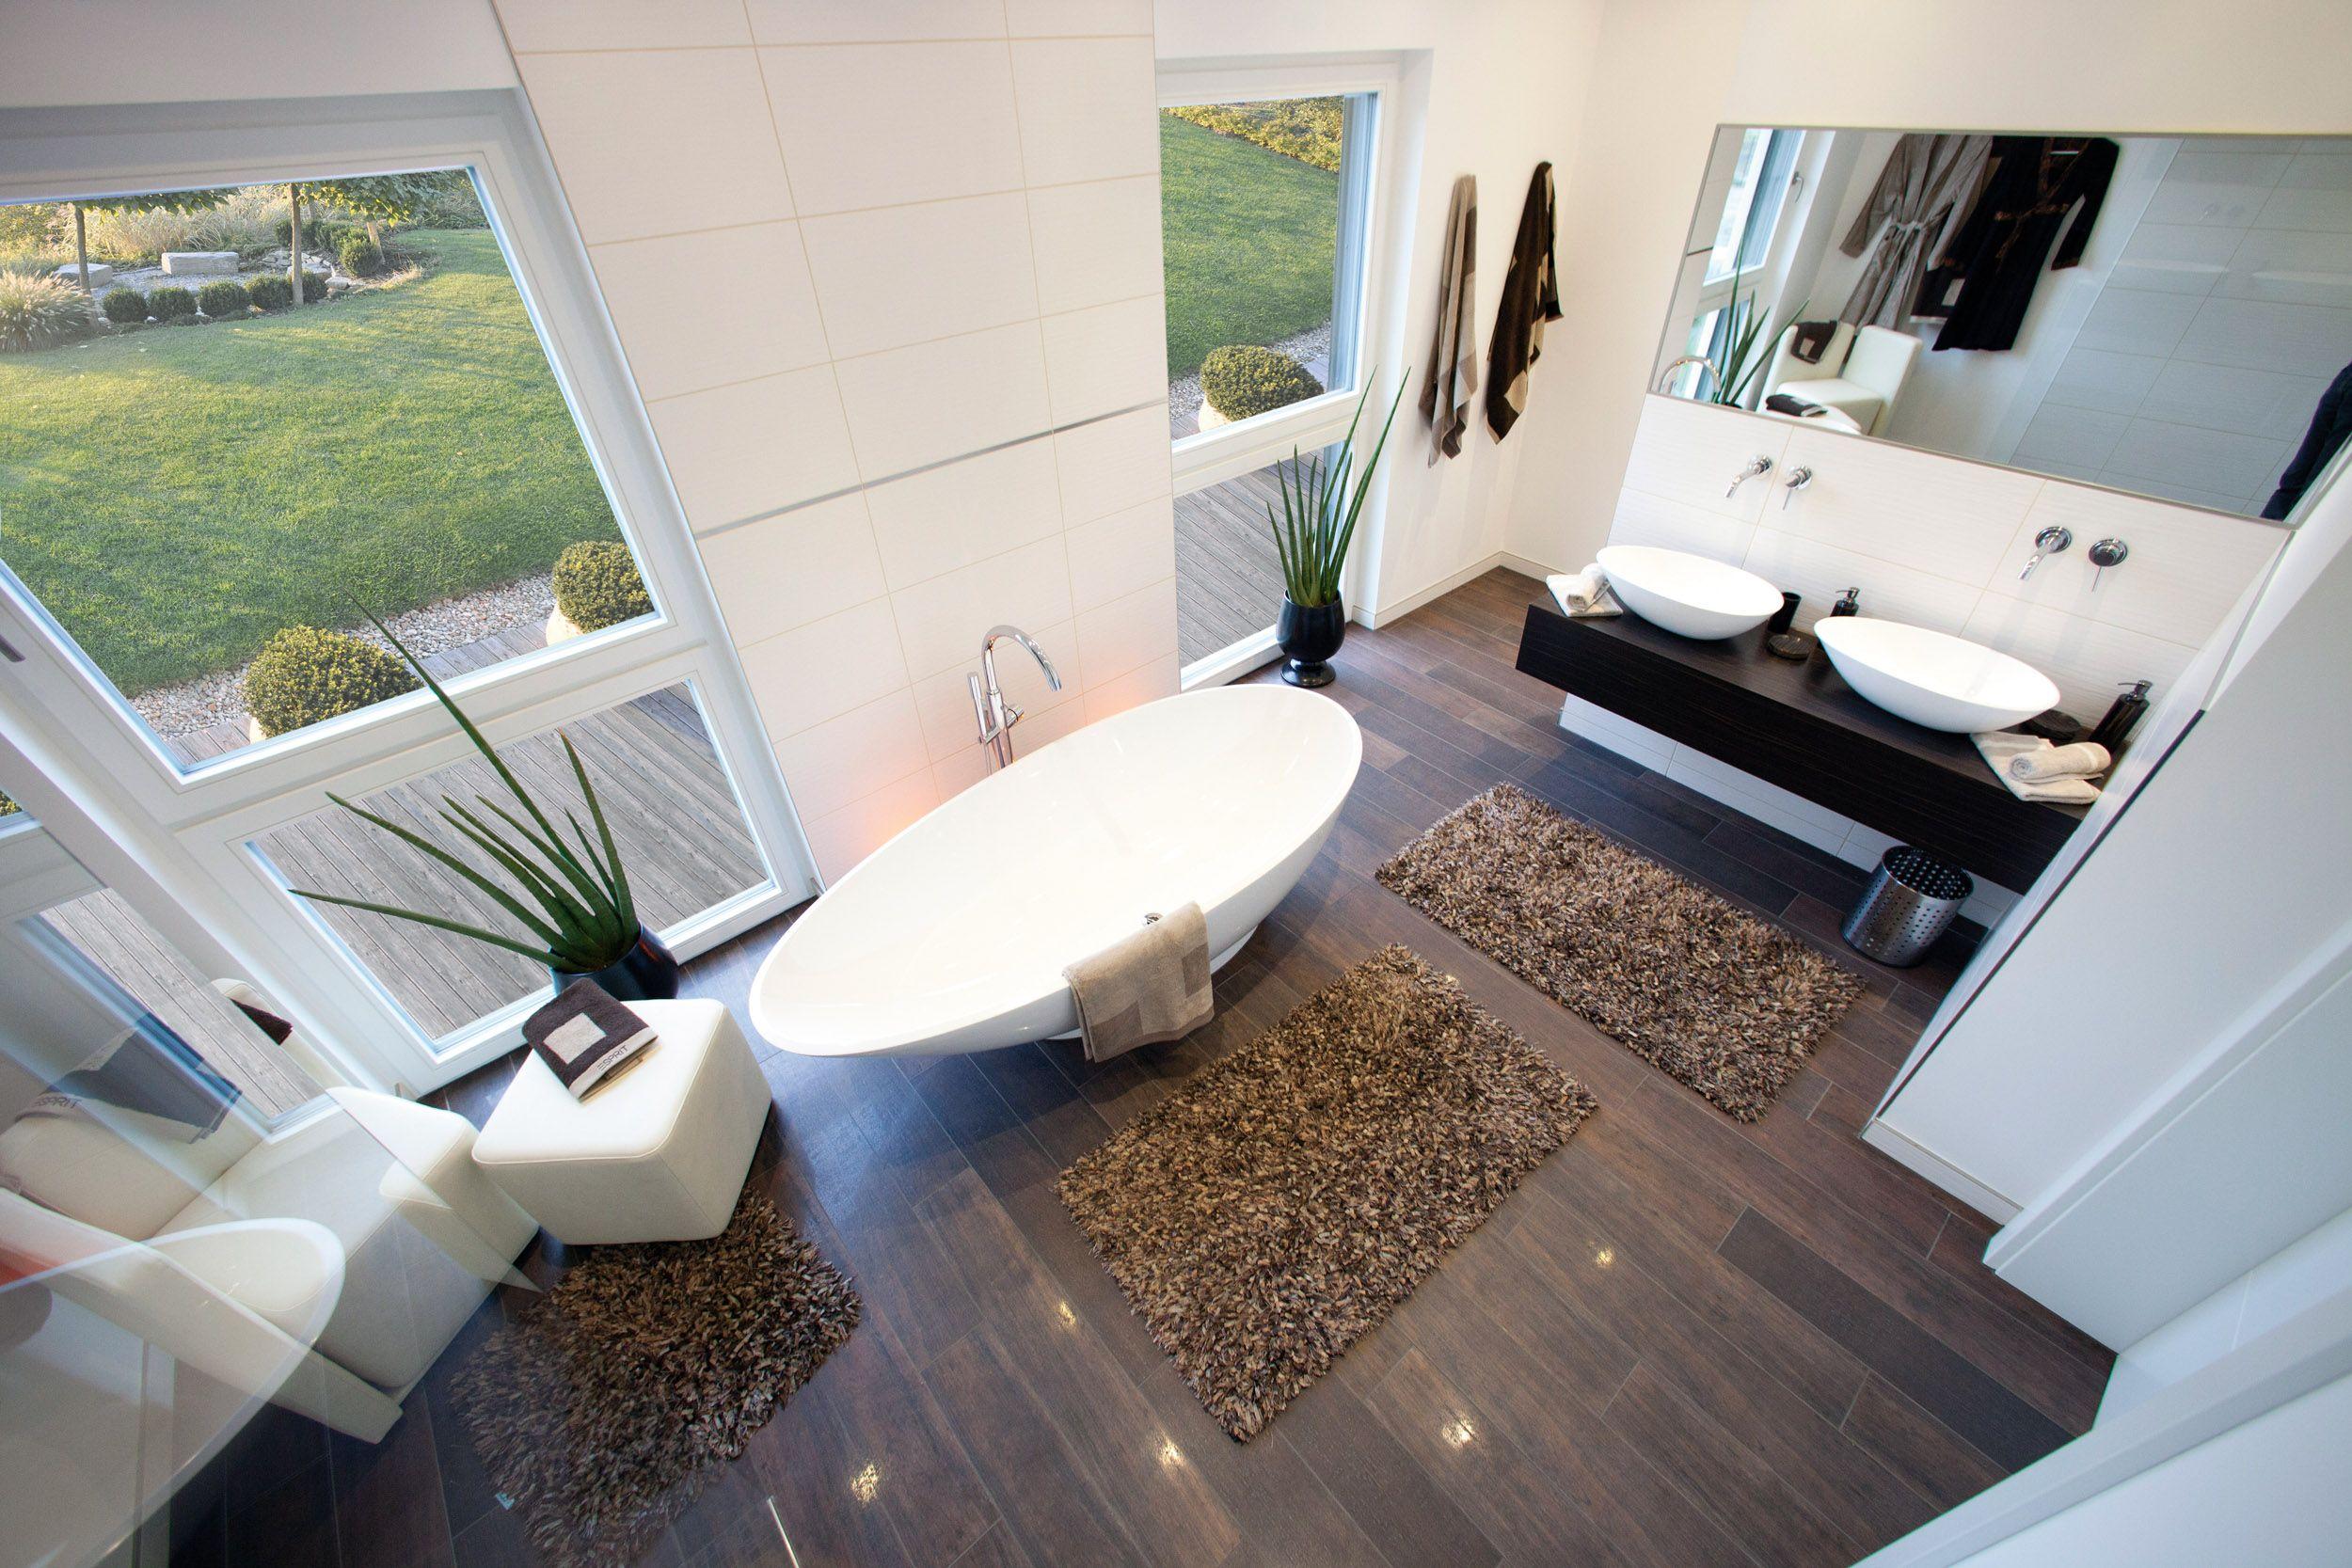 geraumiges bauhaus phorzheim badezimmer badezimmerspiegeln katalog bild und befeedfddeedf